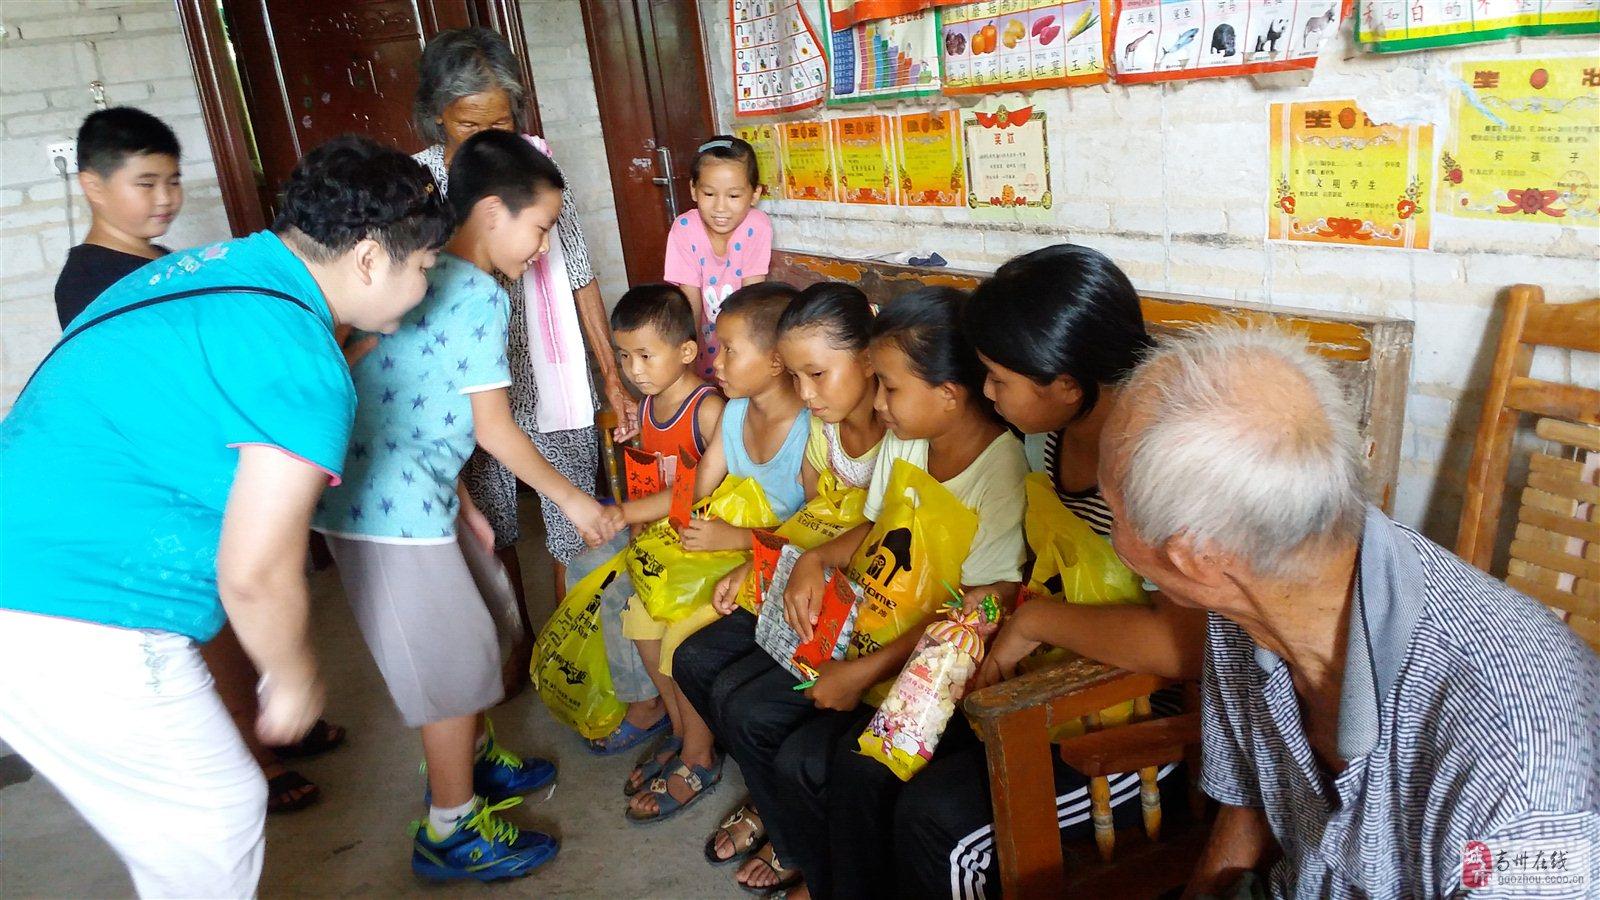 高州市巾帼志愿者协会风华志愿服务队